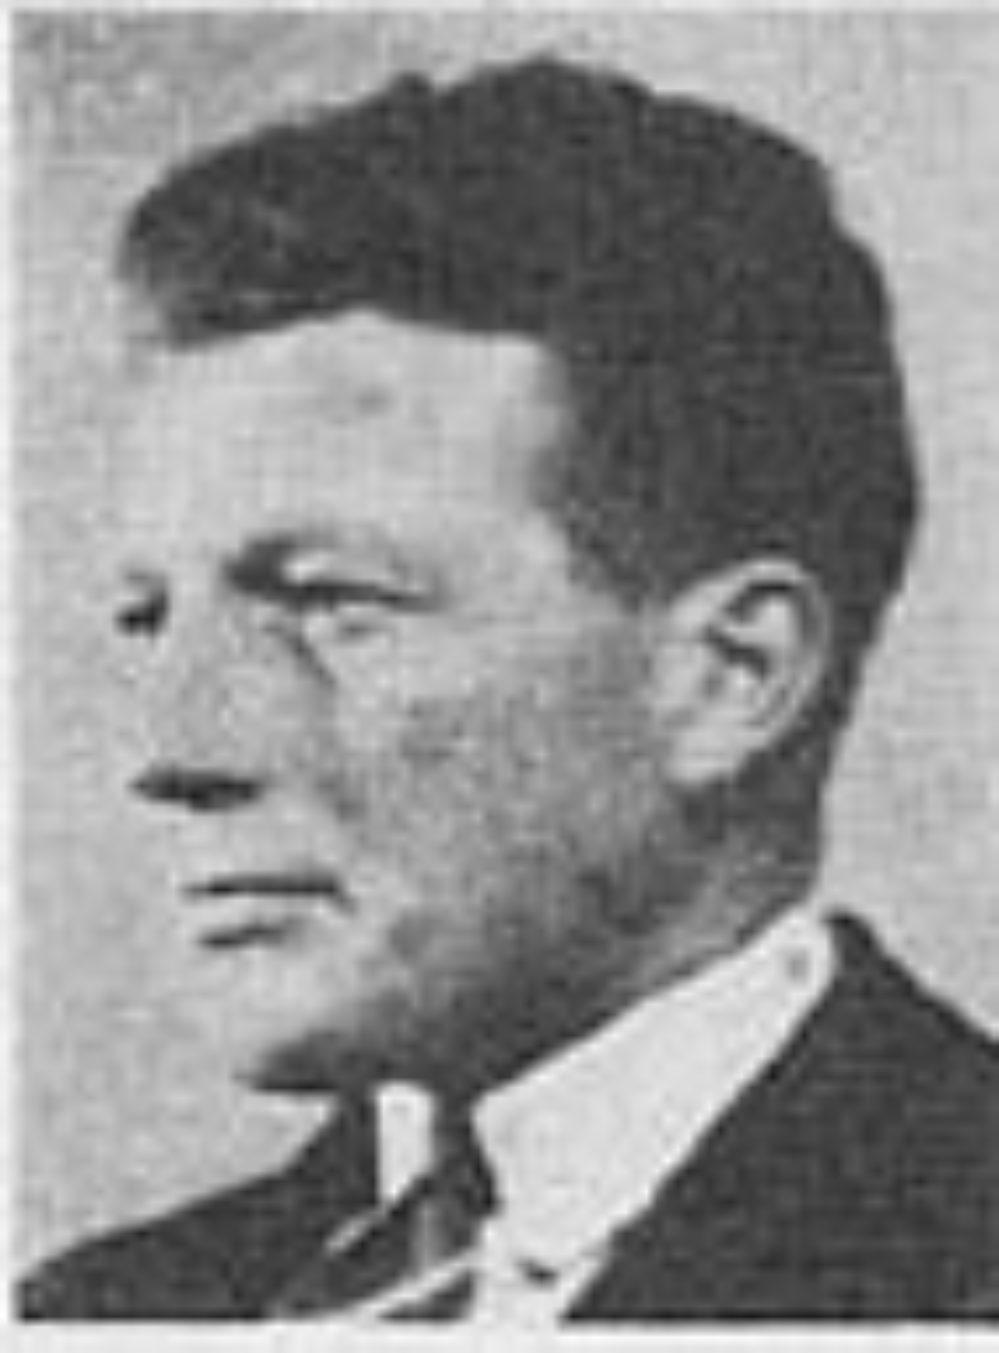 Einar Tønnesen